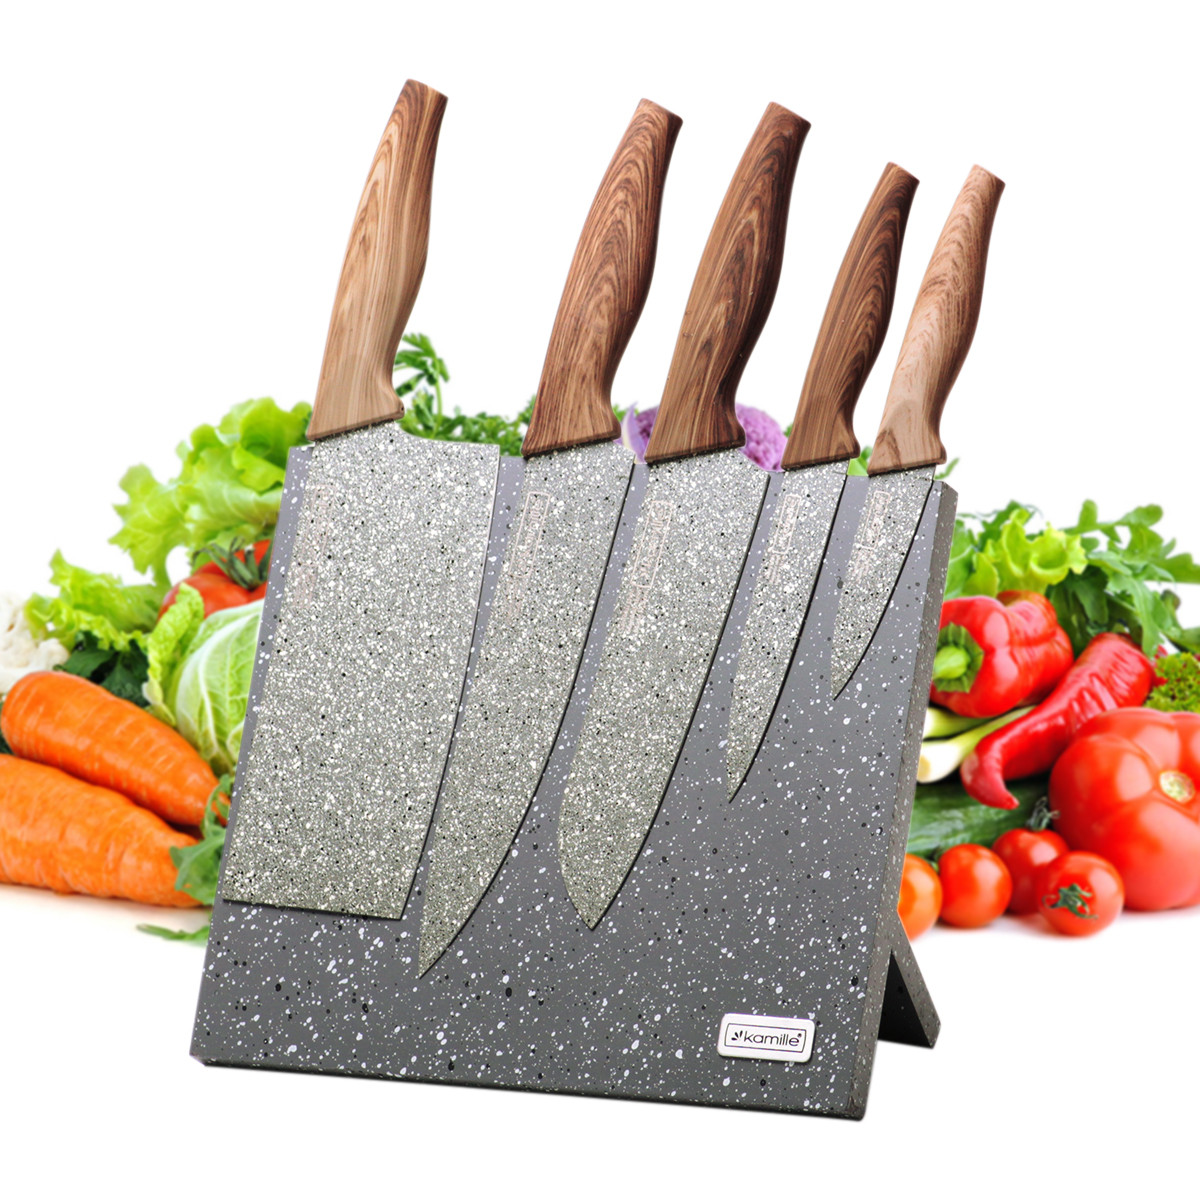 Набор ножей 6 предметов из нержавеющей стали на подставке с мраморным покрытием (5 ножей+подставка) KM-5047